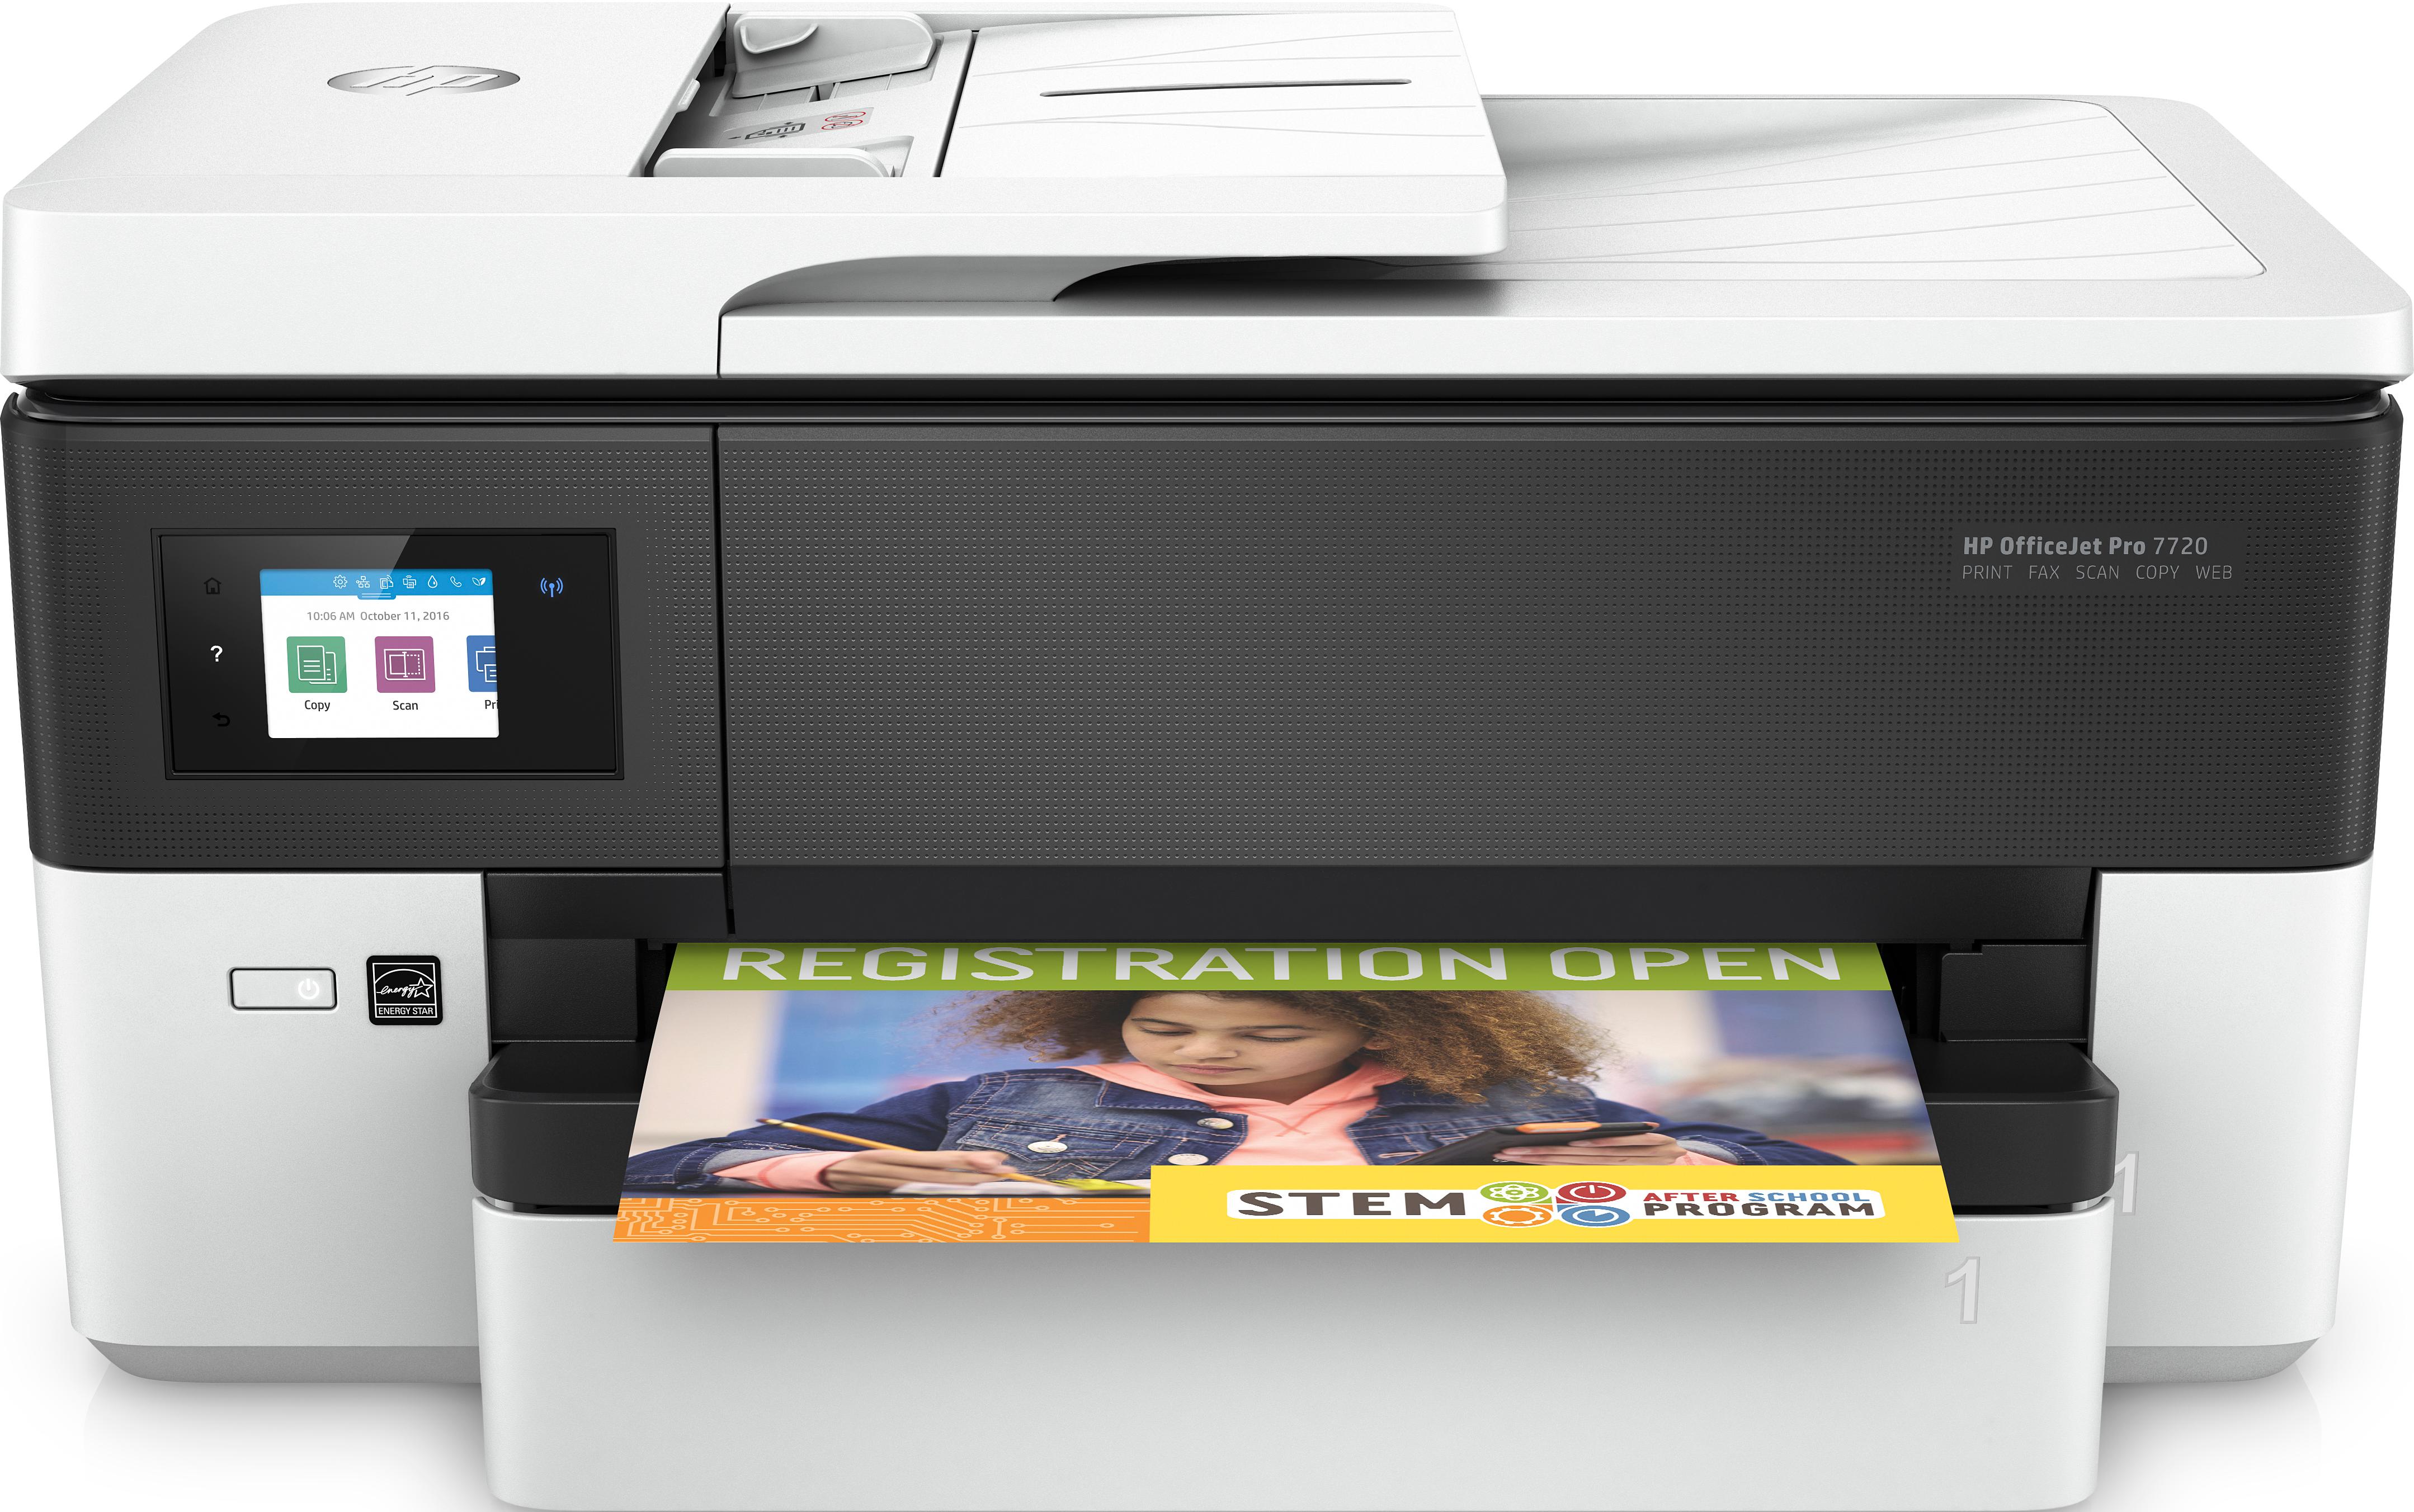 HP Multifunzione OfficeJet Pro 7720